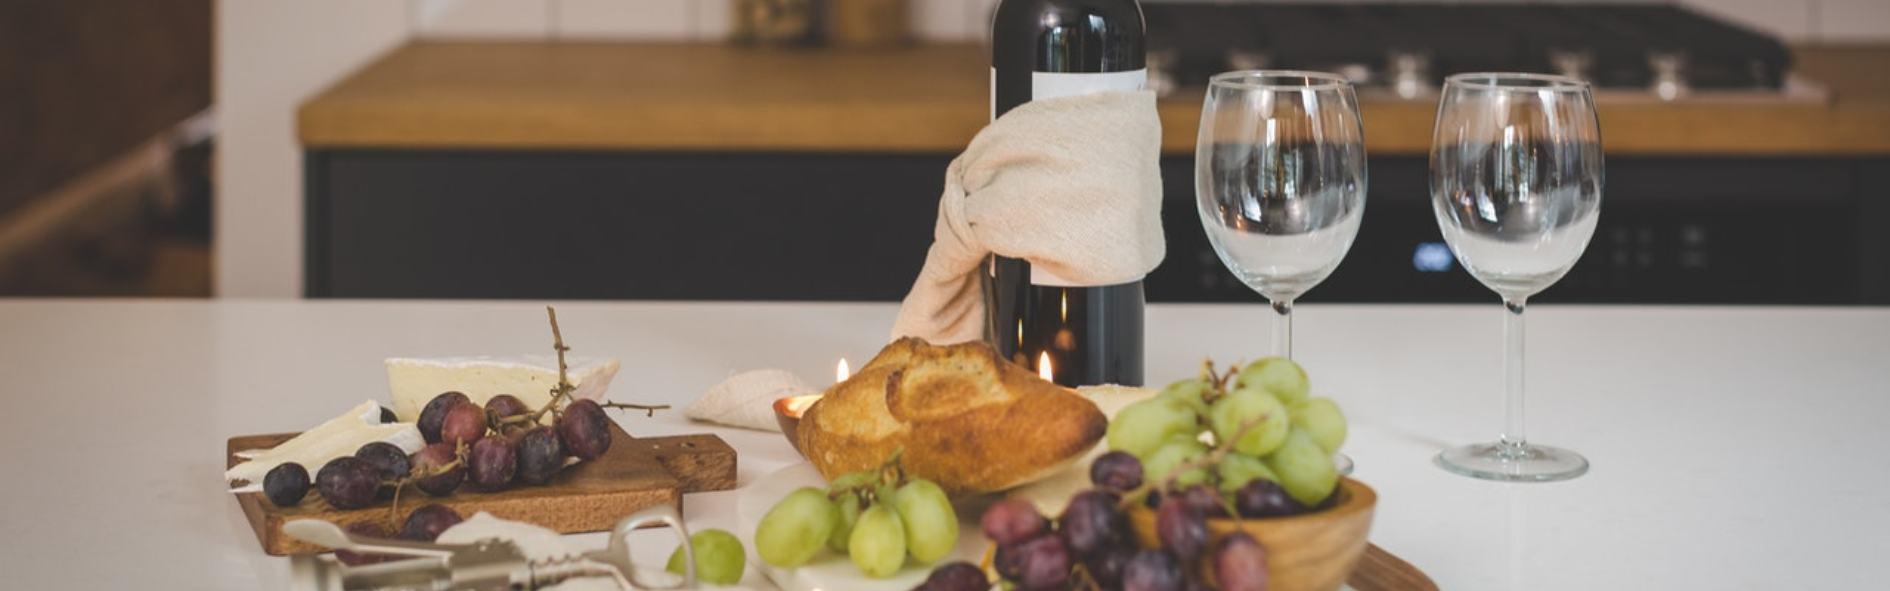 El maridaje entre vinos y alimentos ideal